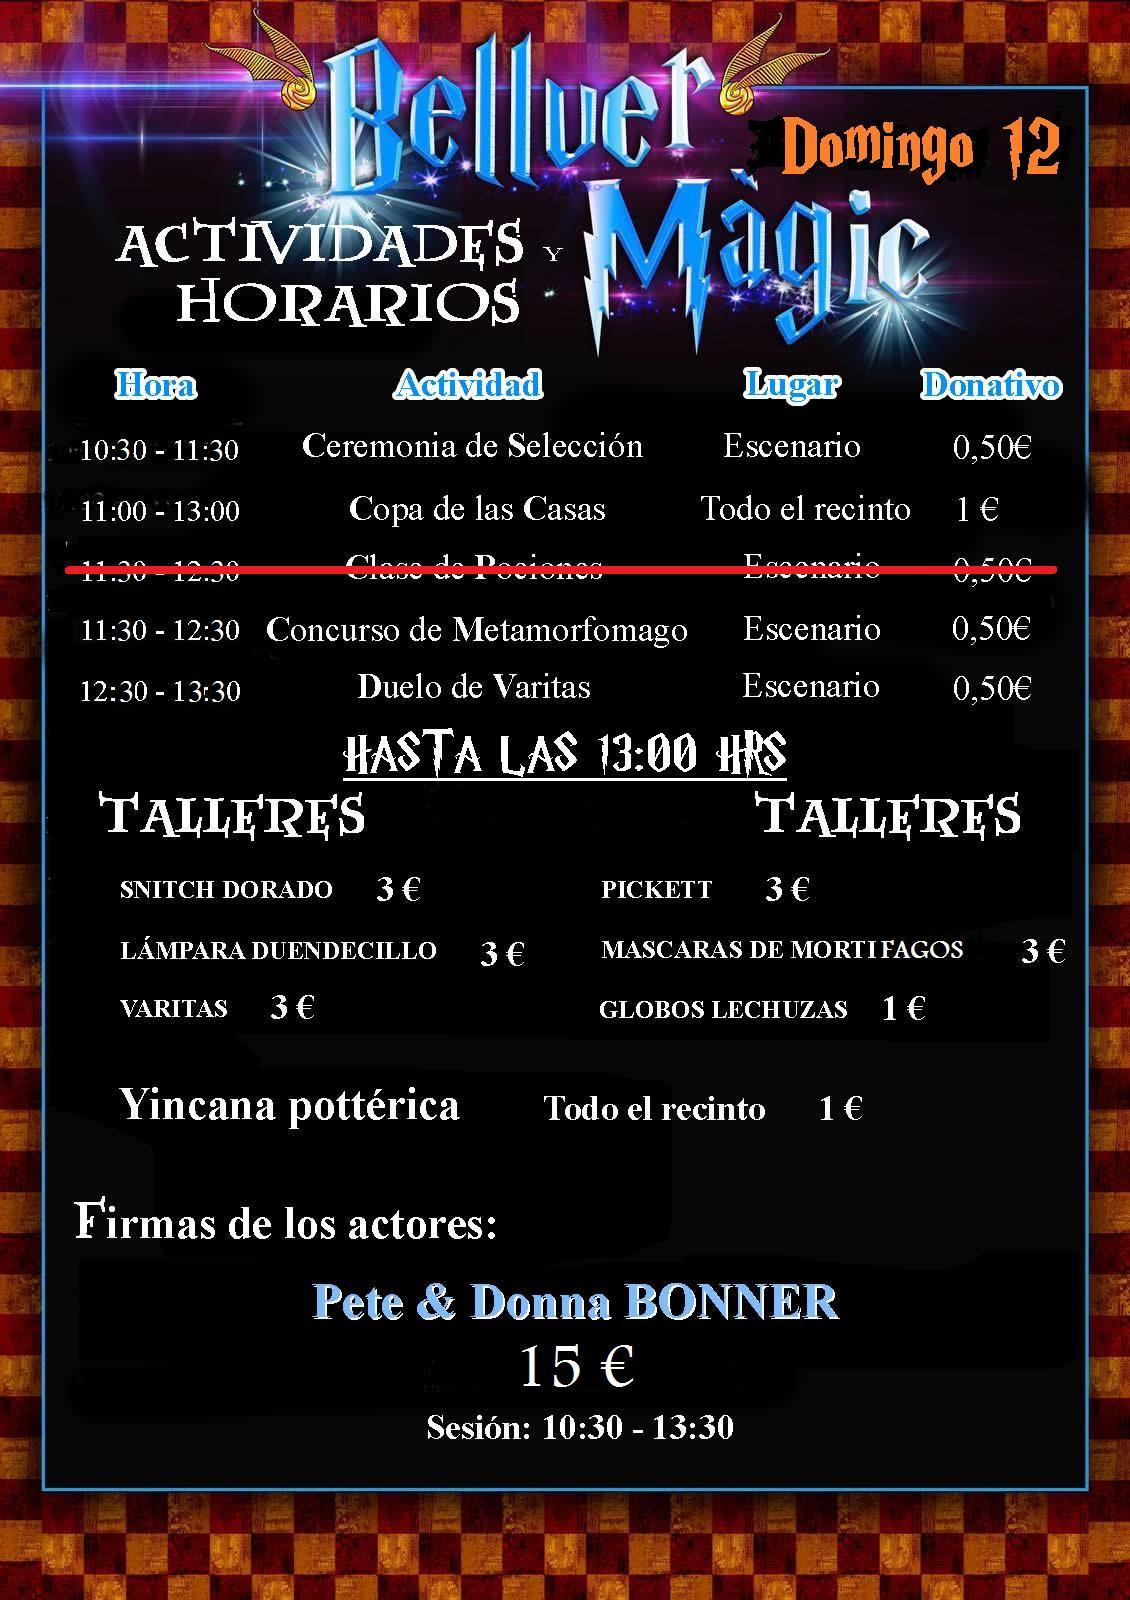 BELLVER MÀGIC: NUEVO HORARIO DOMINGO 12